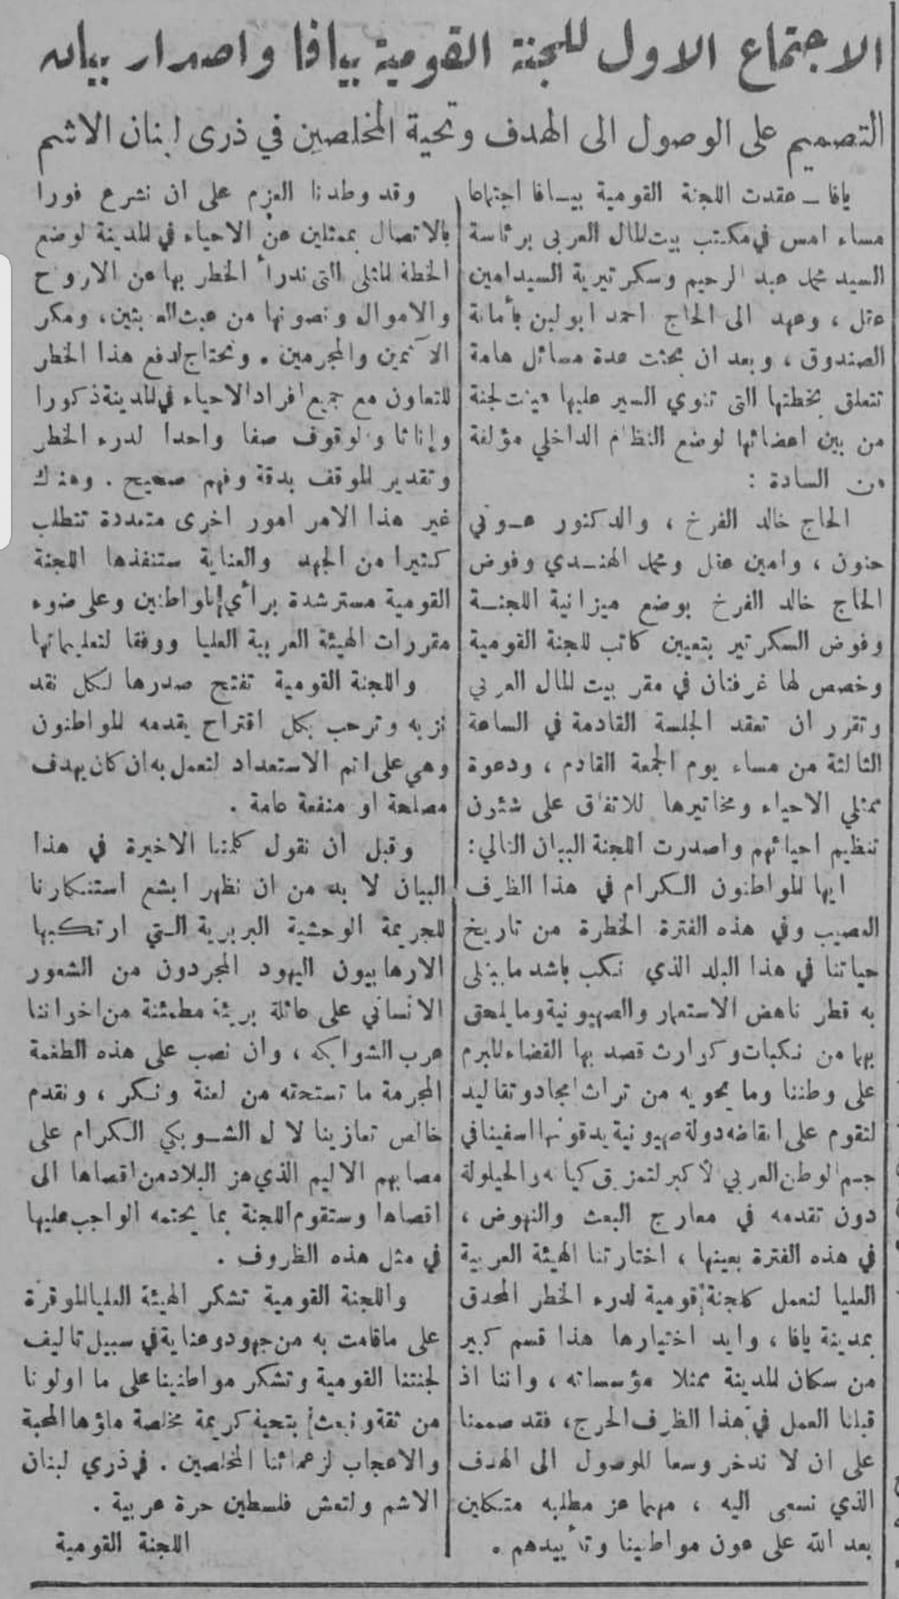 أخبار من صحيفة الدفاع اليافية لمثل هذا اليوم من عام 1947